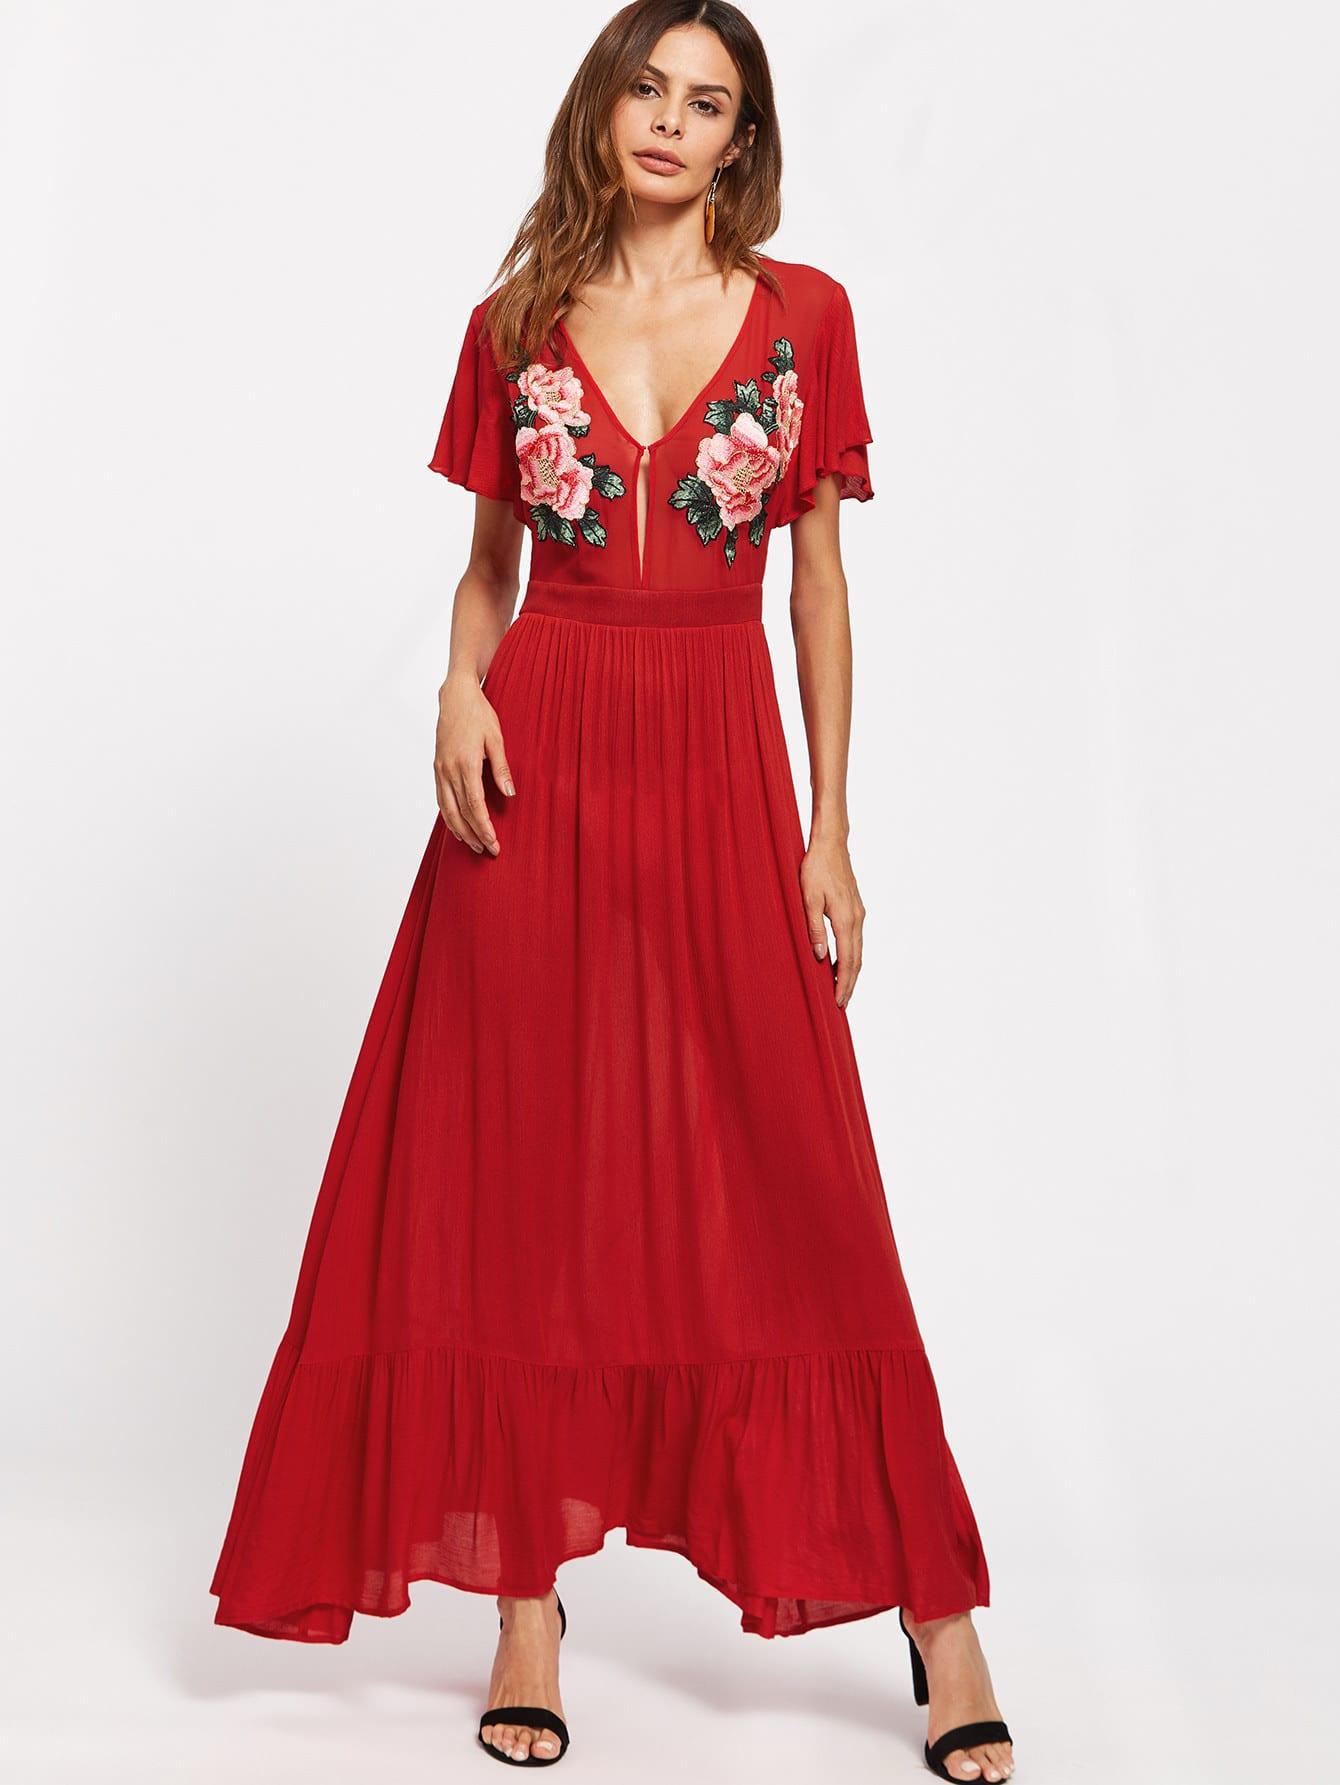 Symmetrical Embroidery Patch Flutter Sleeve Ruffle Hem Dress dress170704703